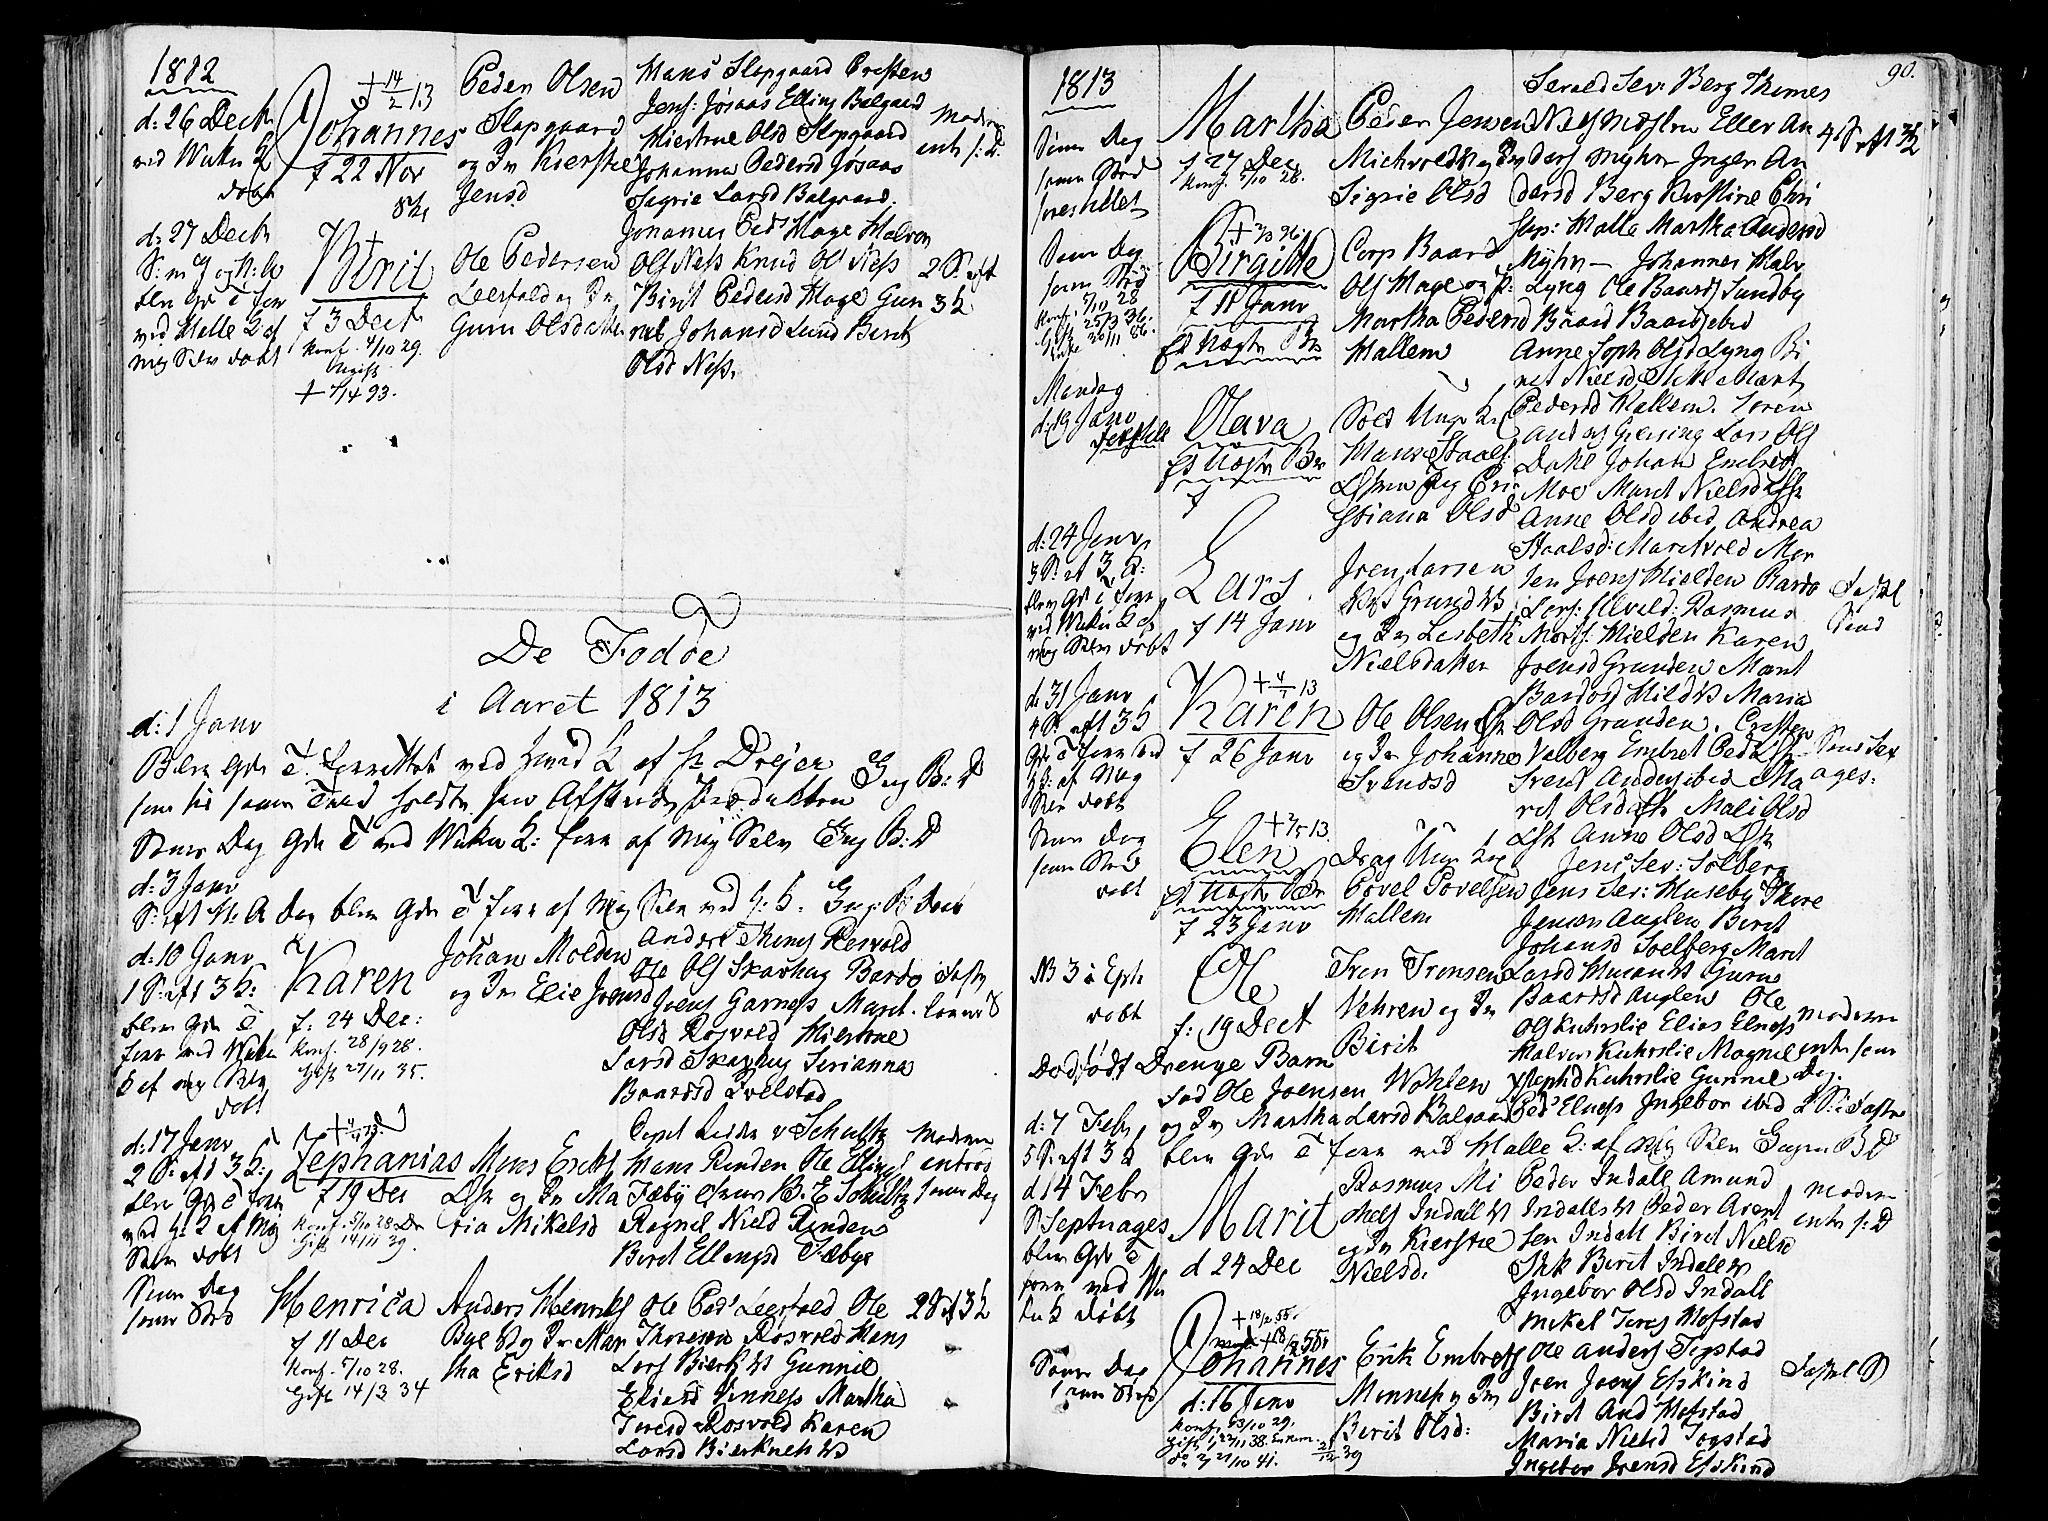 SAT, Ministerialprotokoller, klokkerbøker og fødselsregistre - Nord-Trøndelag, 723/L0233: Ministerialbok nr. 723A04, 1805-1816, s. 90